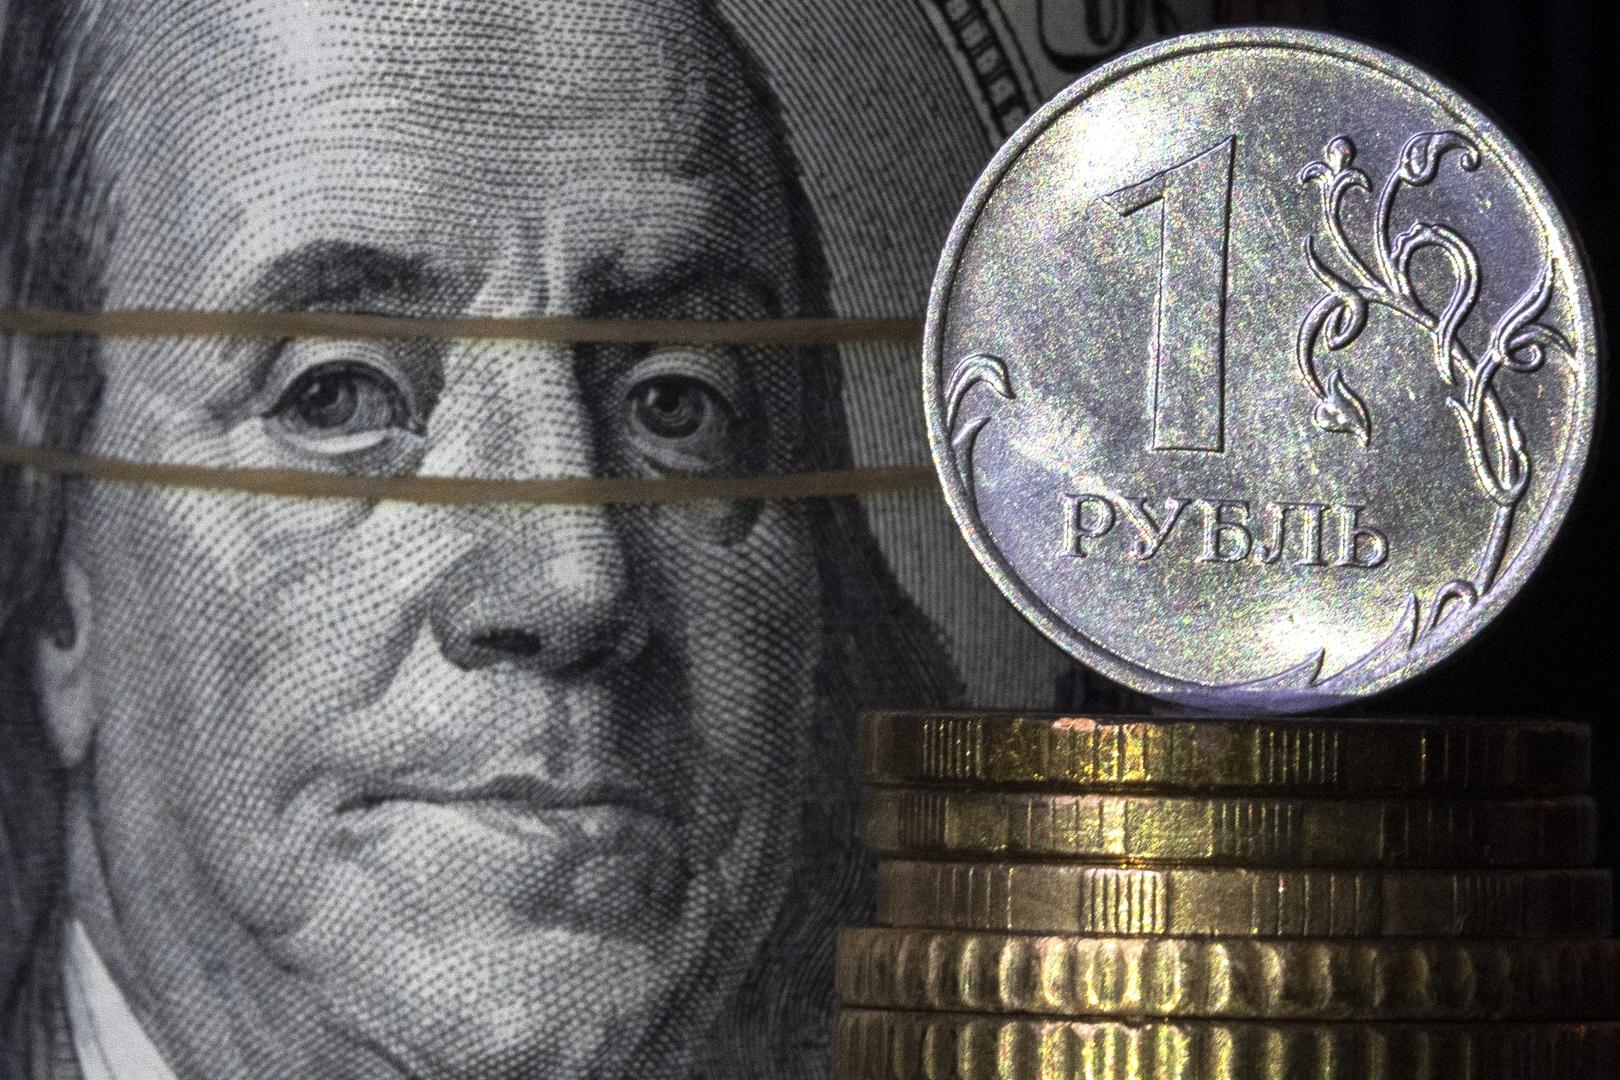 الاقتصاد الروسي ينمو بوتيرة مرتفعة في النصف الأول من 2021